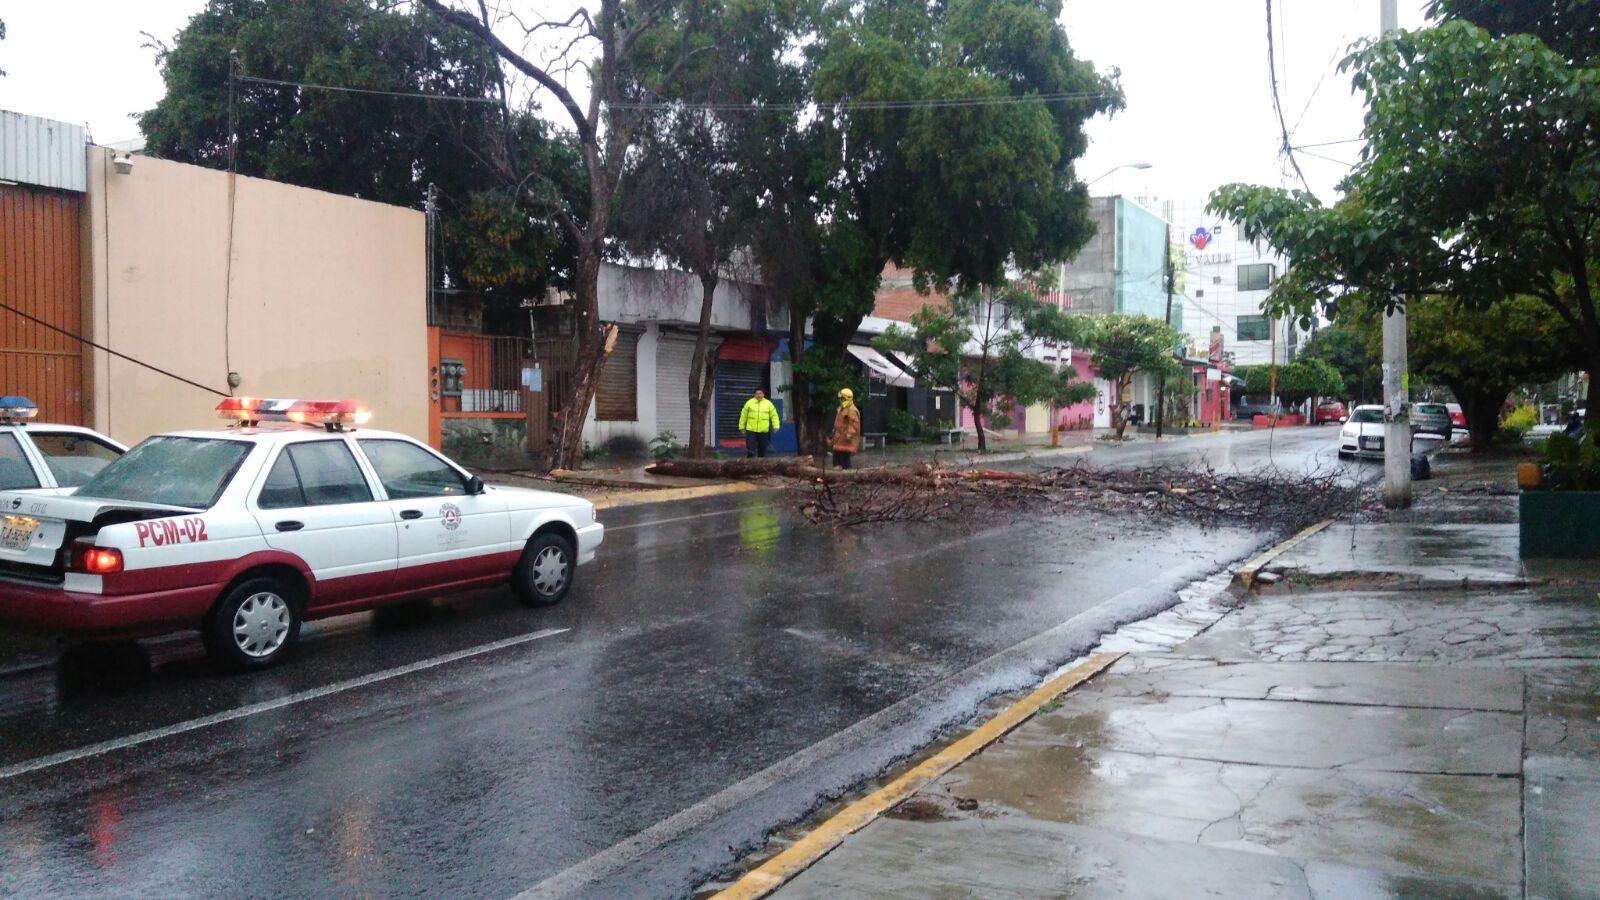 Llaman a extremar cuidado por las lluvias en Oaxaca | El Imparcial de Oaxaca